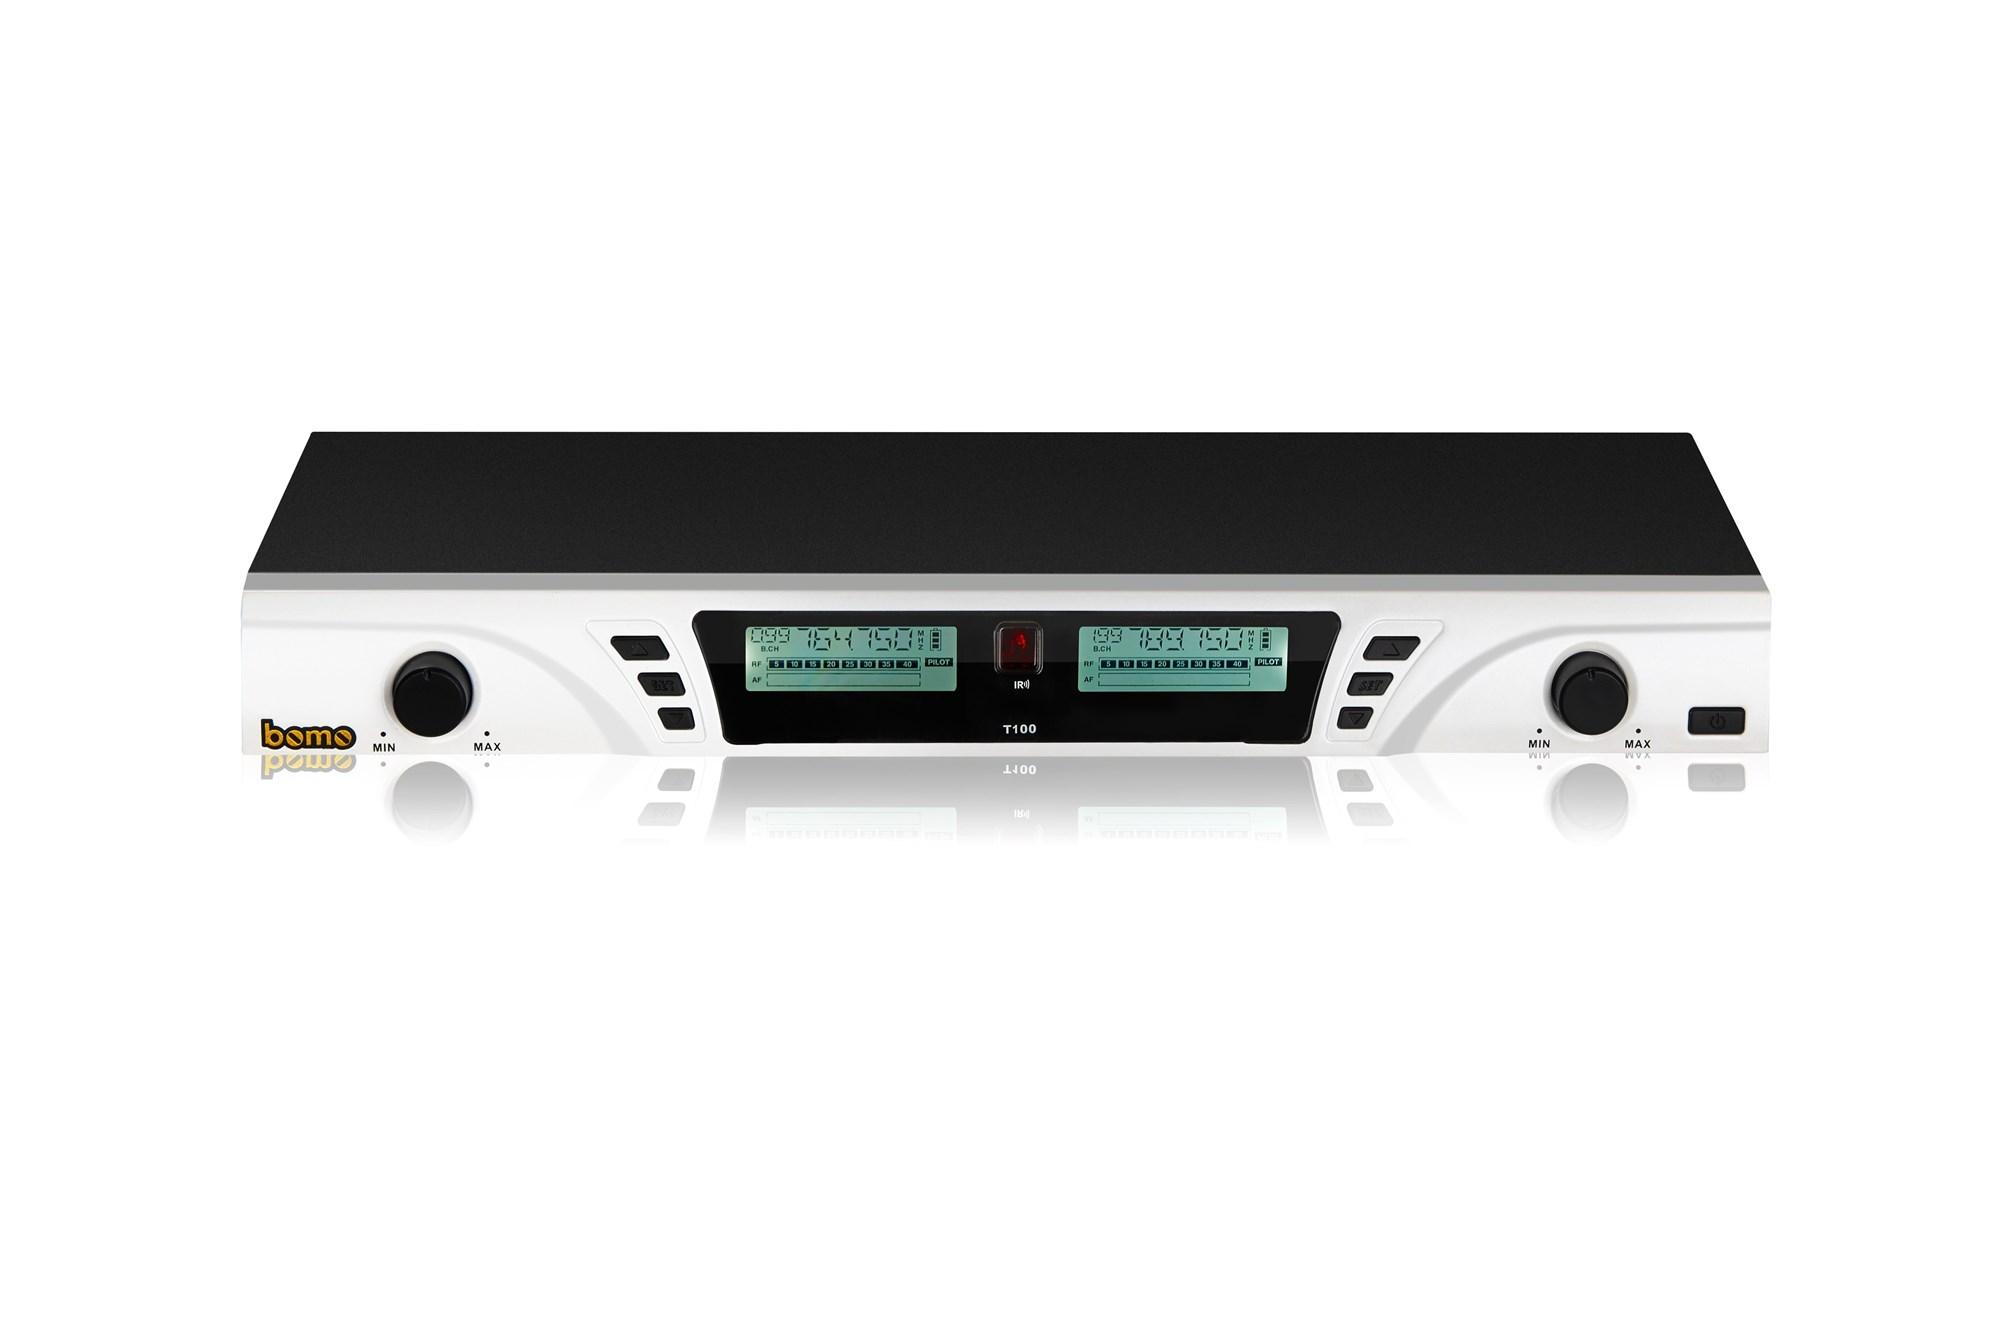 T80无线麦克风 经典金色双手持无线麦克风 KTV飚歌专用话筒 U段动圈式无线麦克风 无线话筒